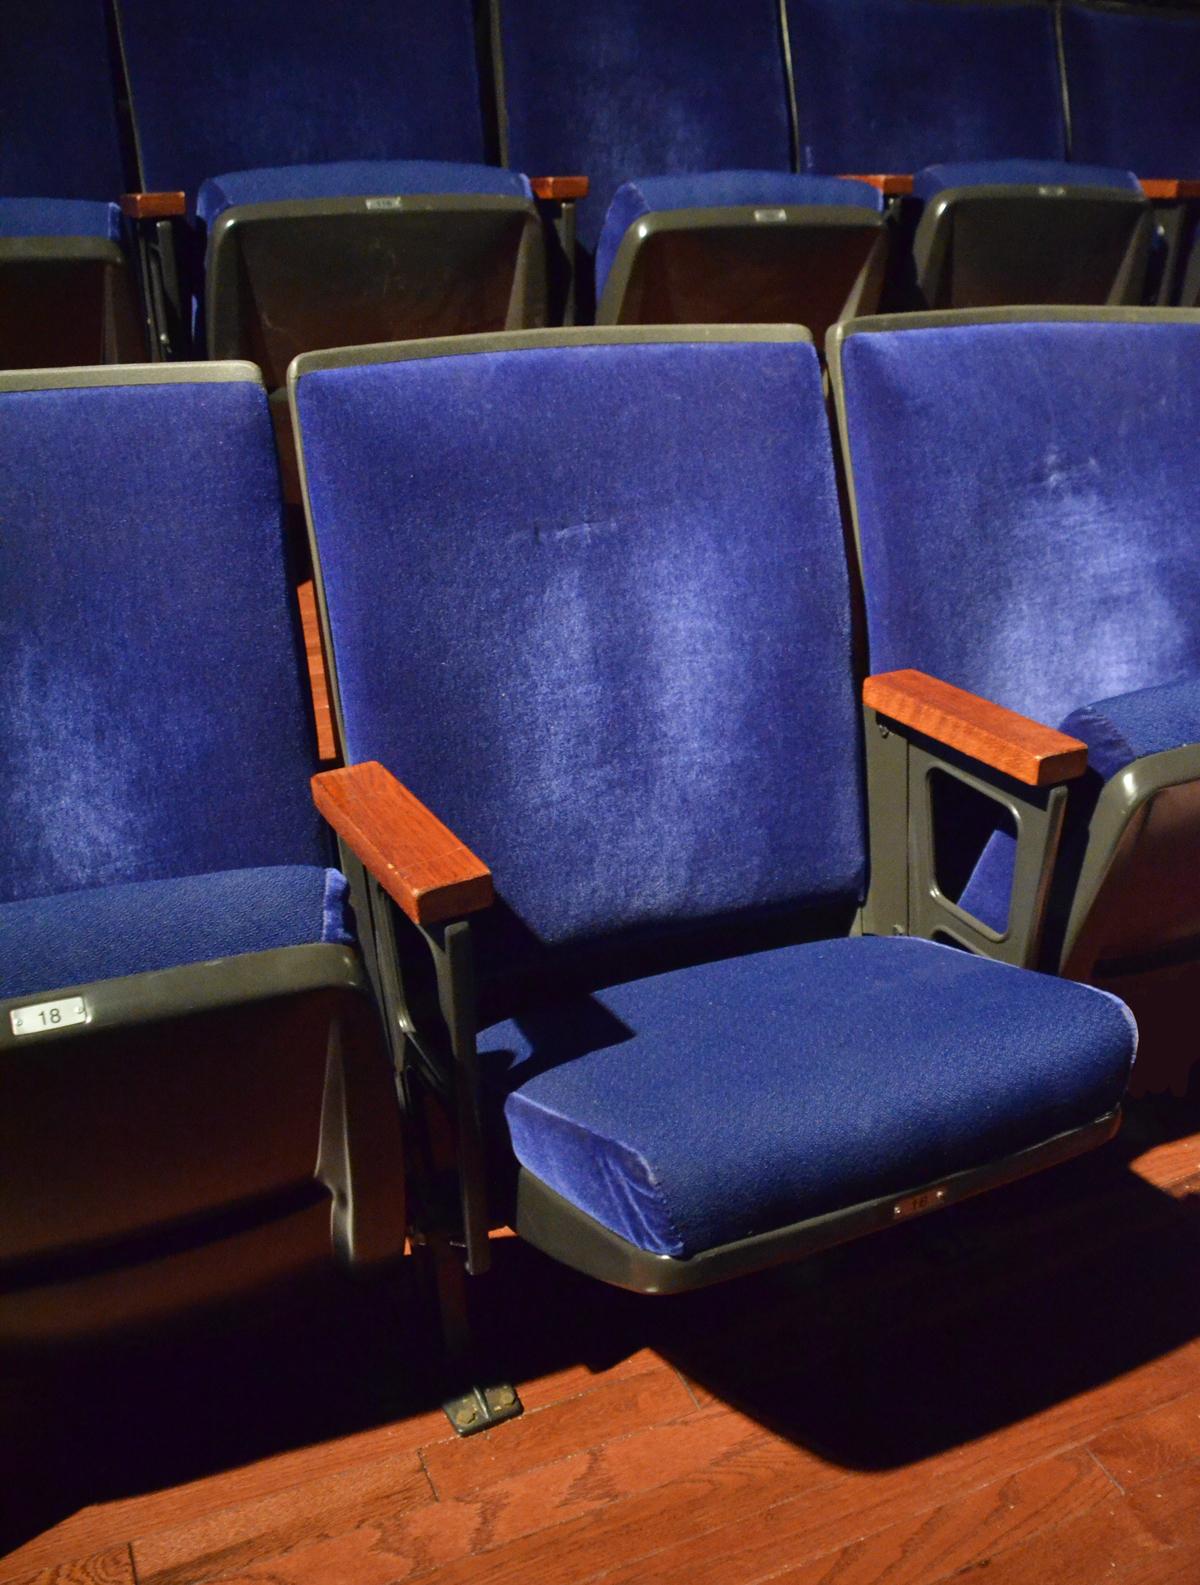 Seats - Chris